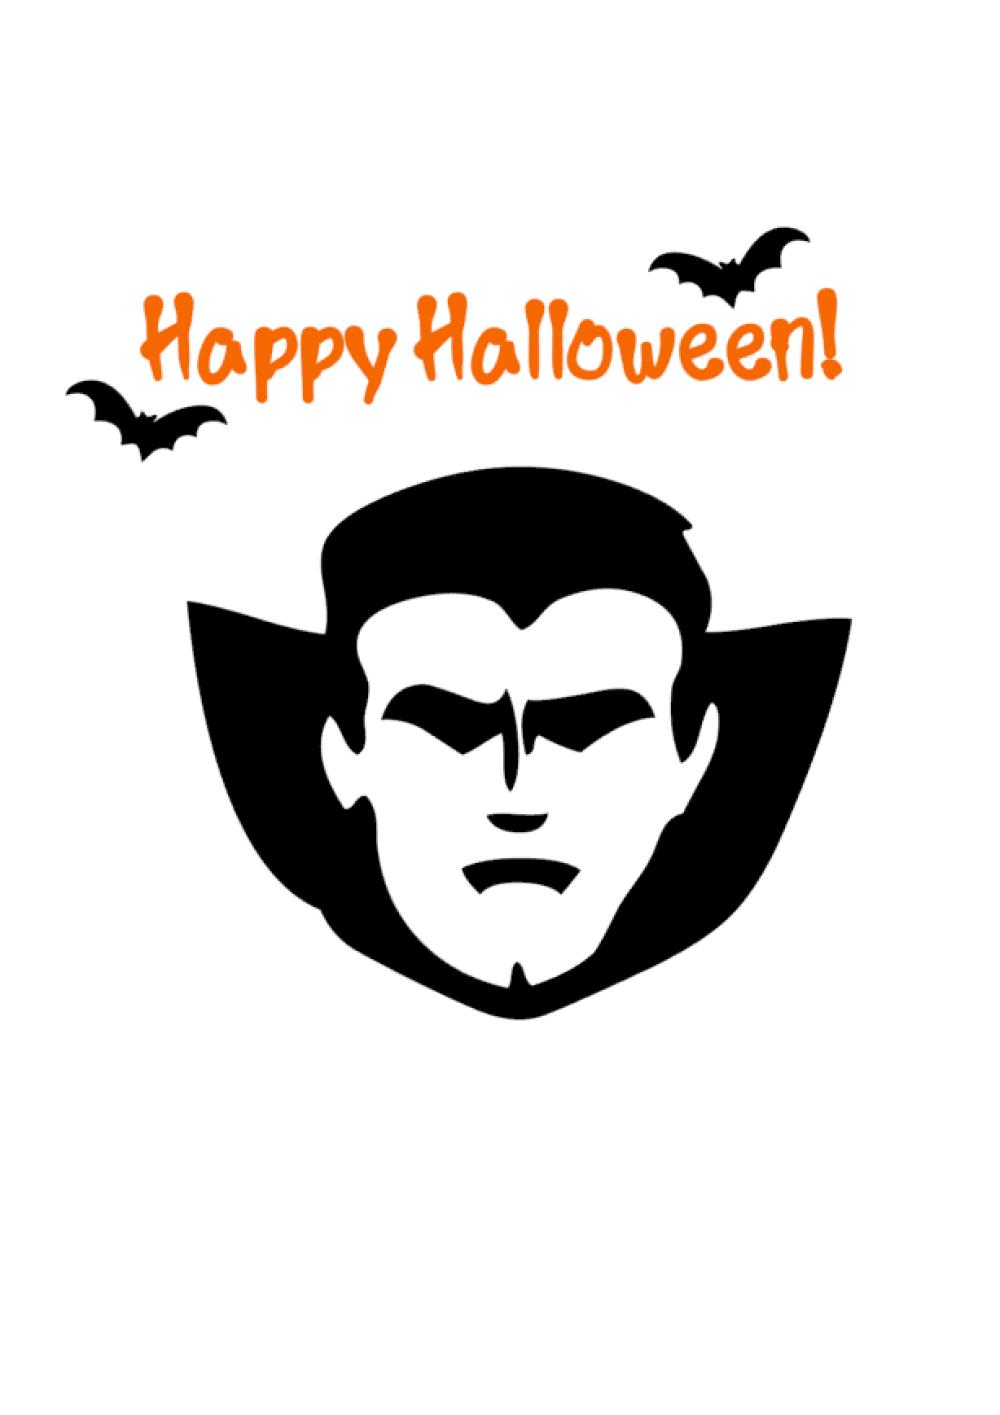 Thermocollant personnalisable pour Halloween: Dracula et chauves-souris